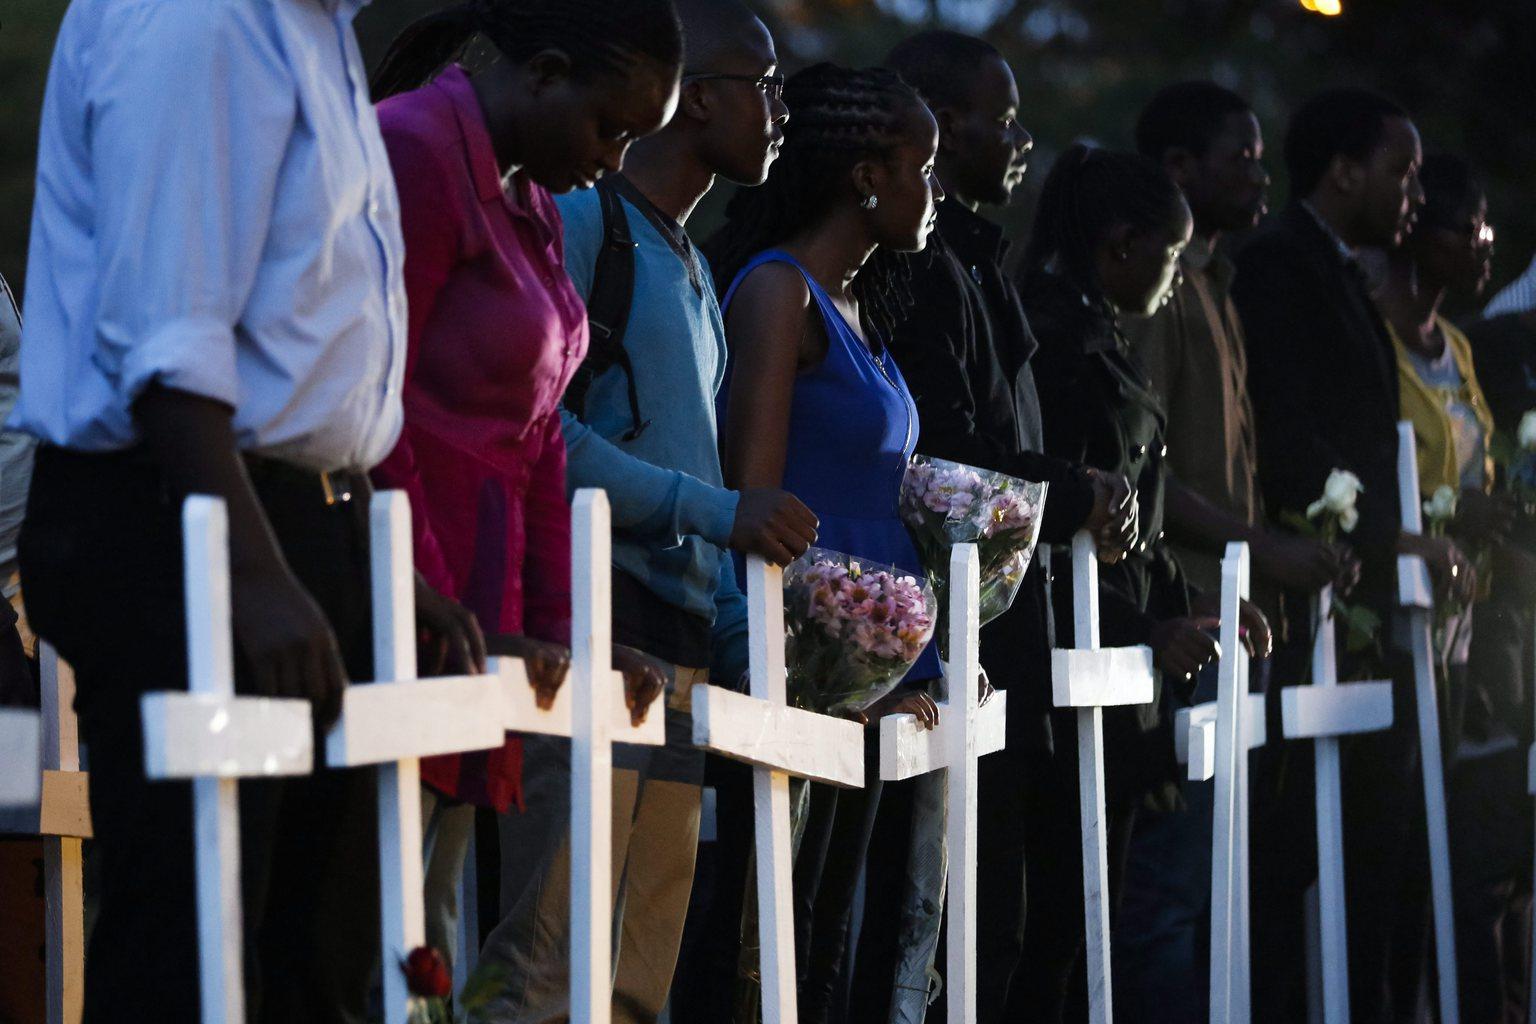 Gyászolók és hozzátartozók a kenyai Garissa város egyeteme elleni terrortámadás áldozatainak emlékére rendezett virrasztáson Nairobiban 2015. április 7-én. Az al-Shabaab szomáliai iszlamista milícia tagjai április 2-án megtámadták az egyetemet és 148 embert, túlnyomó többségükben diákokat lemészároltak. (MTI/EPA/Dai Kurokawa)